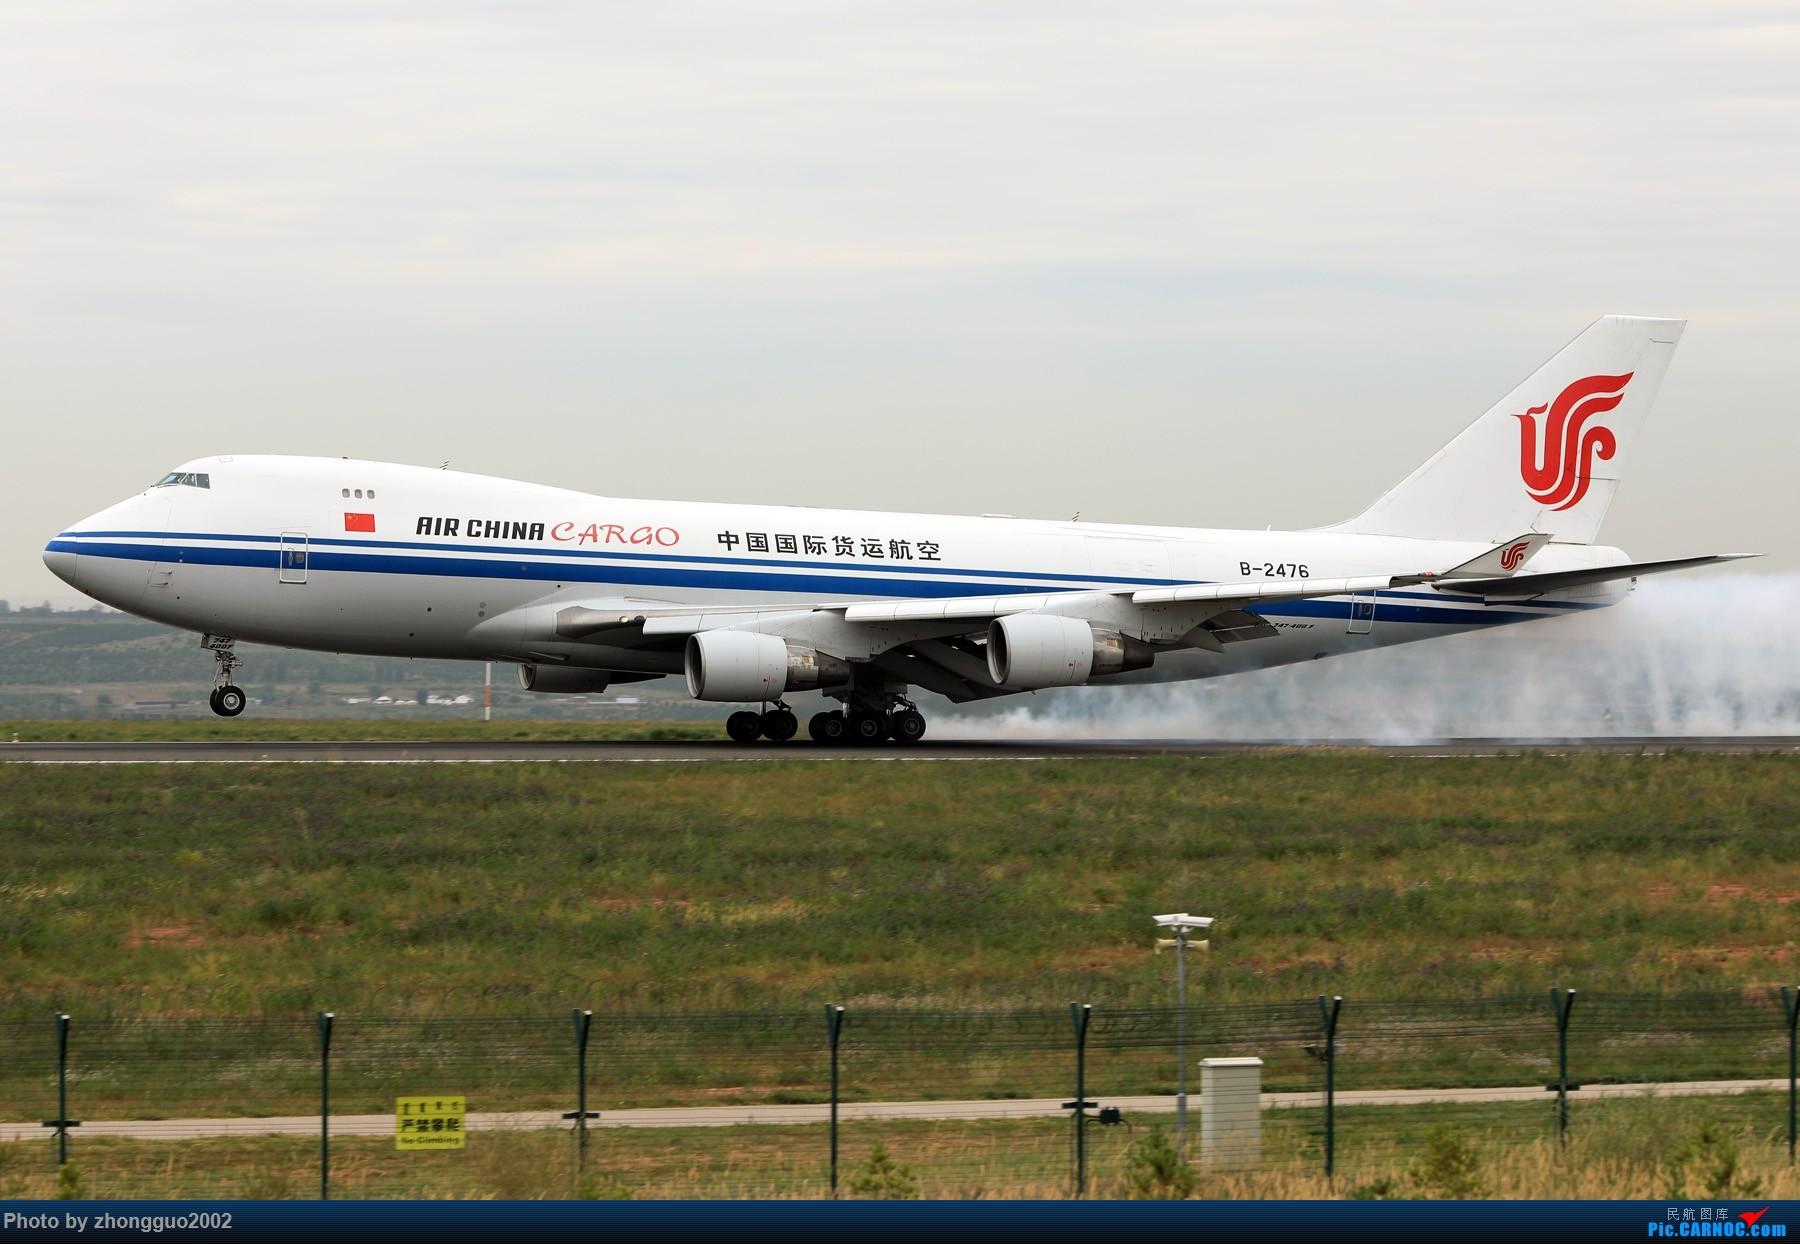 [原创]鄂尔多斯日常训练 BOEING 747-400F B-2476 中国鄂尔多斯伊金霍洛机场